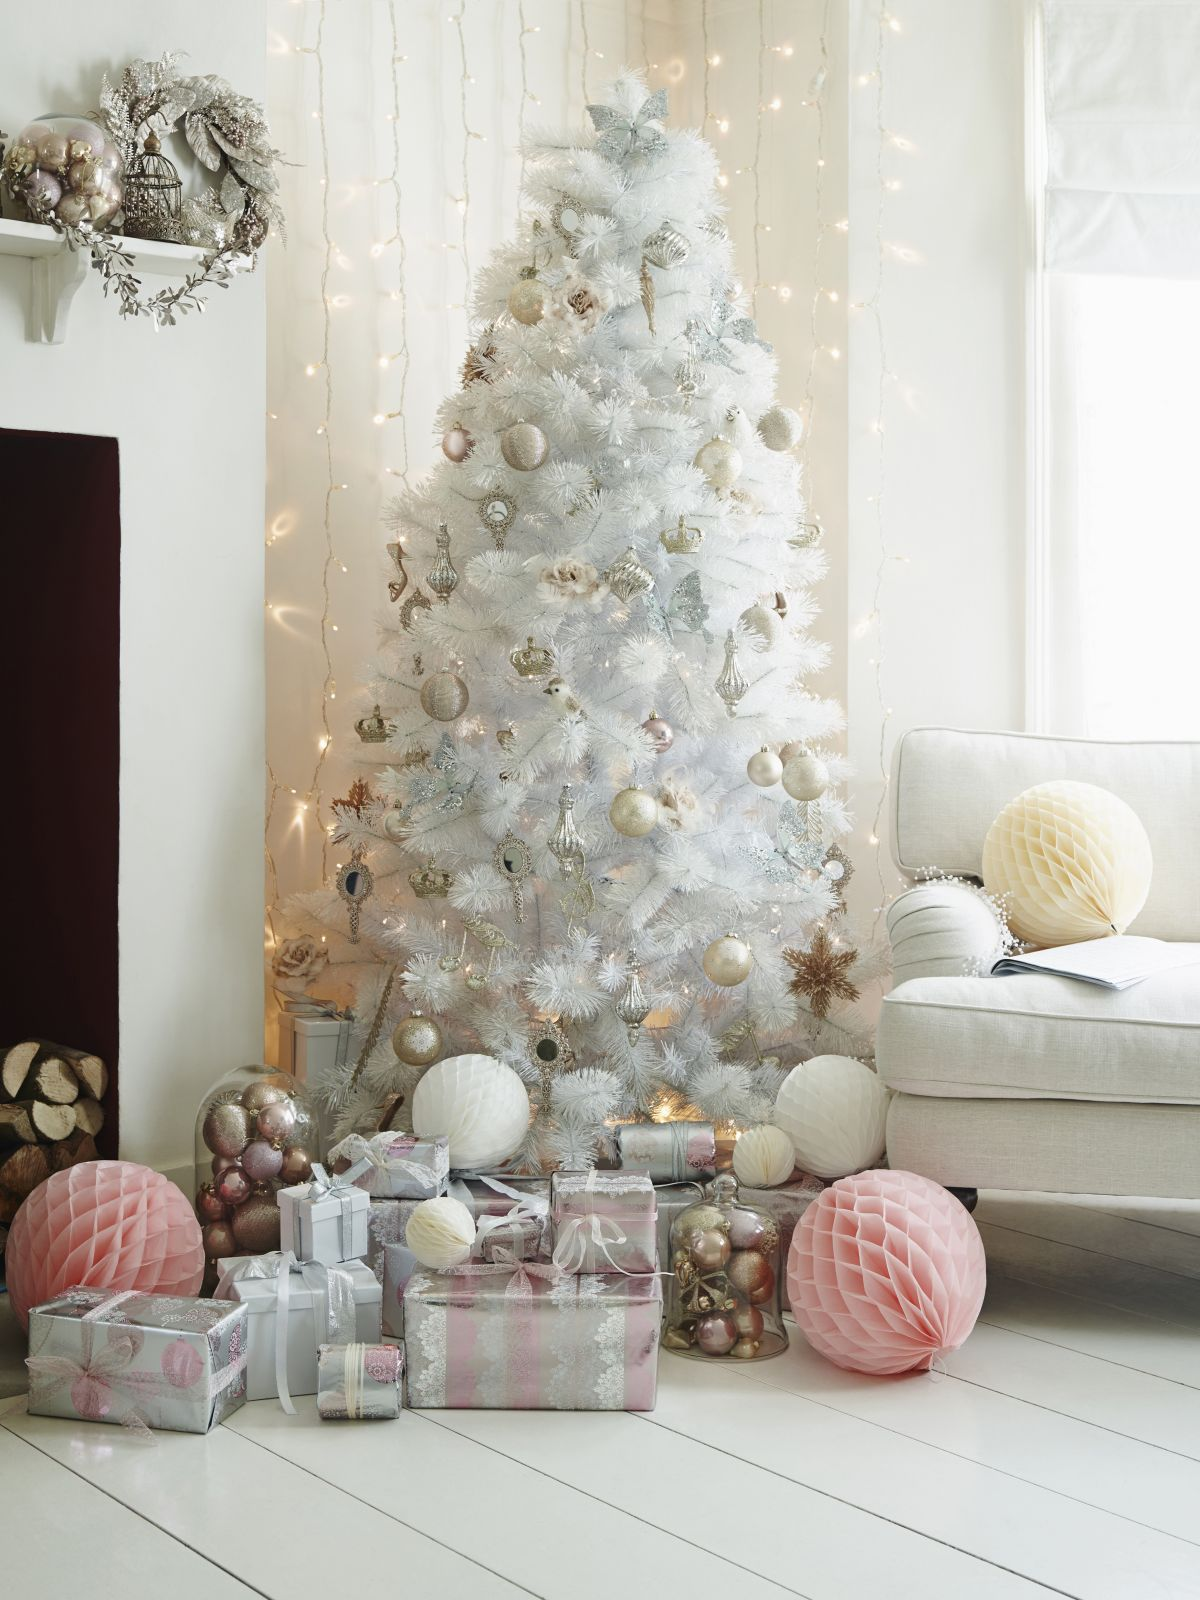 Decoraci n para rboles de navidad blancos dale detalles - Arboles de navidad blanco ...